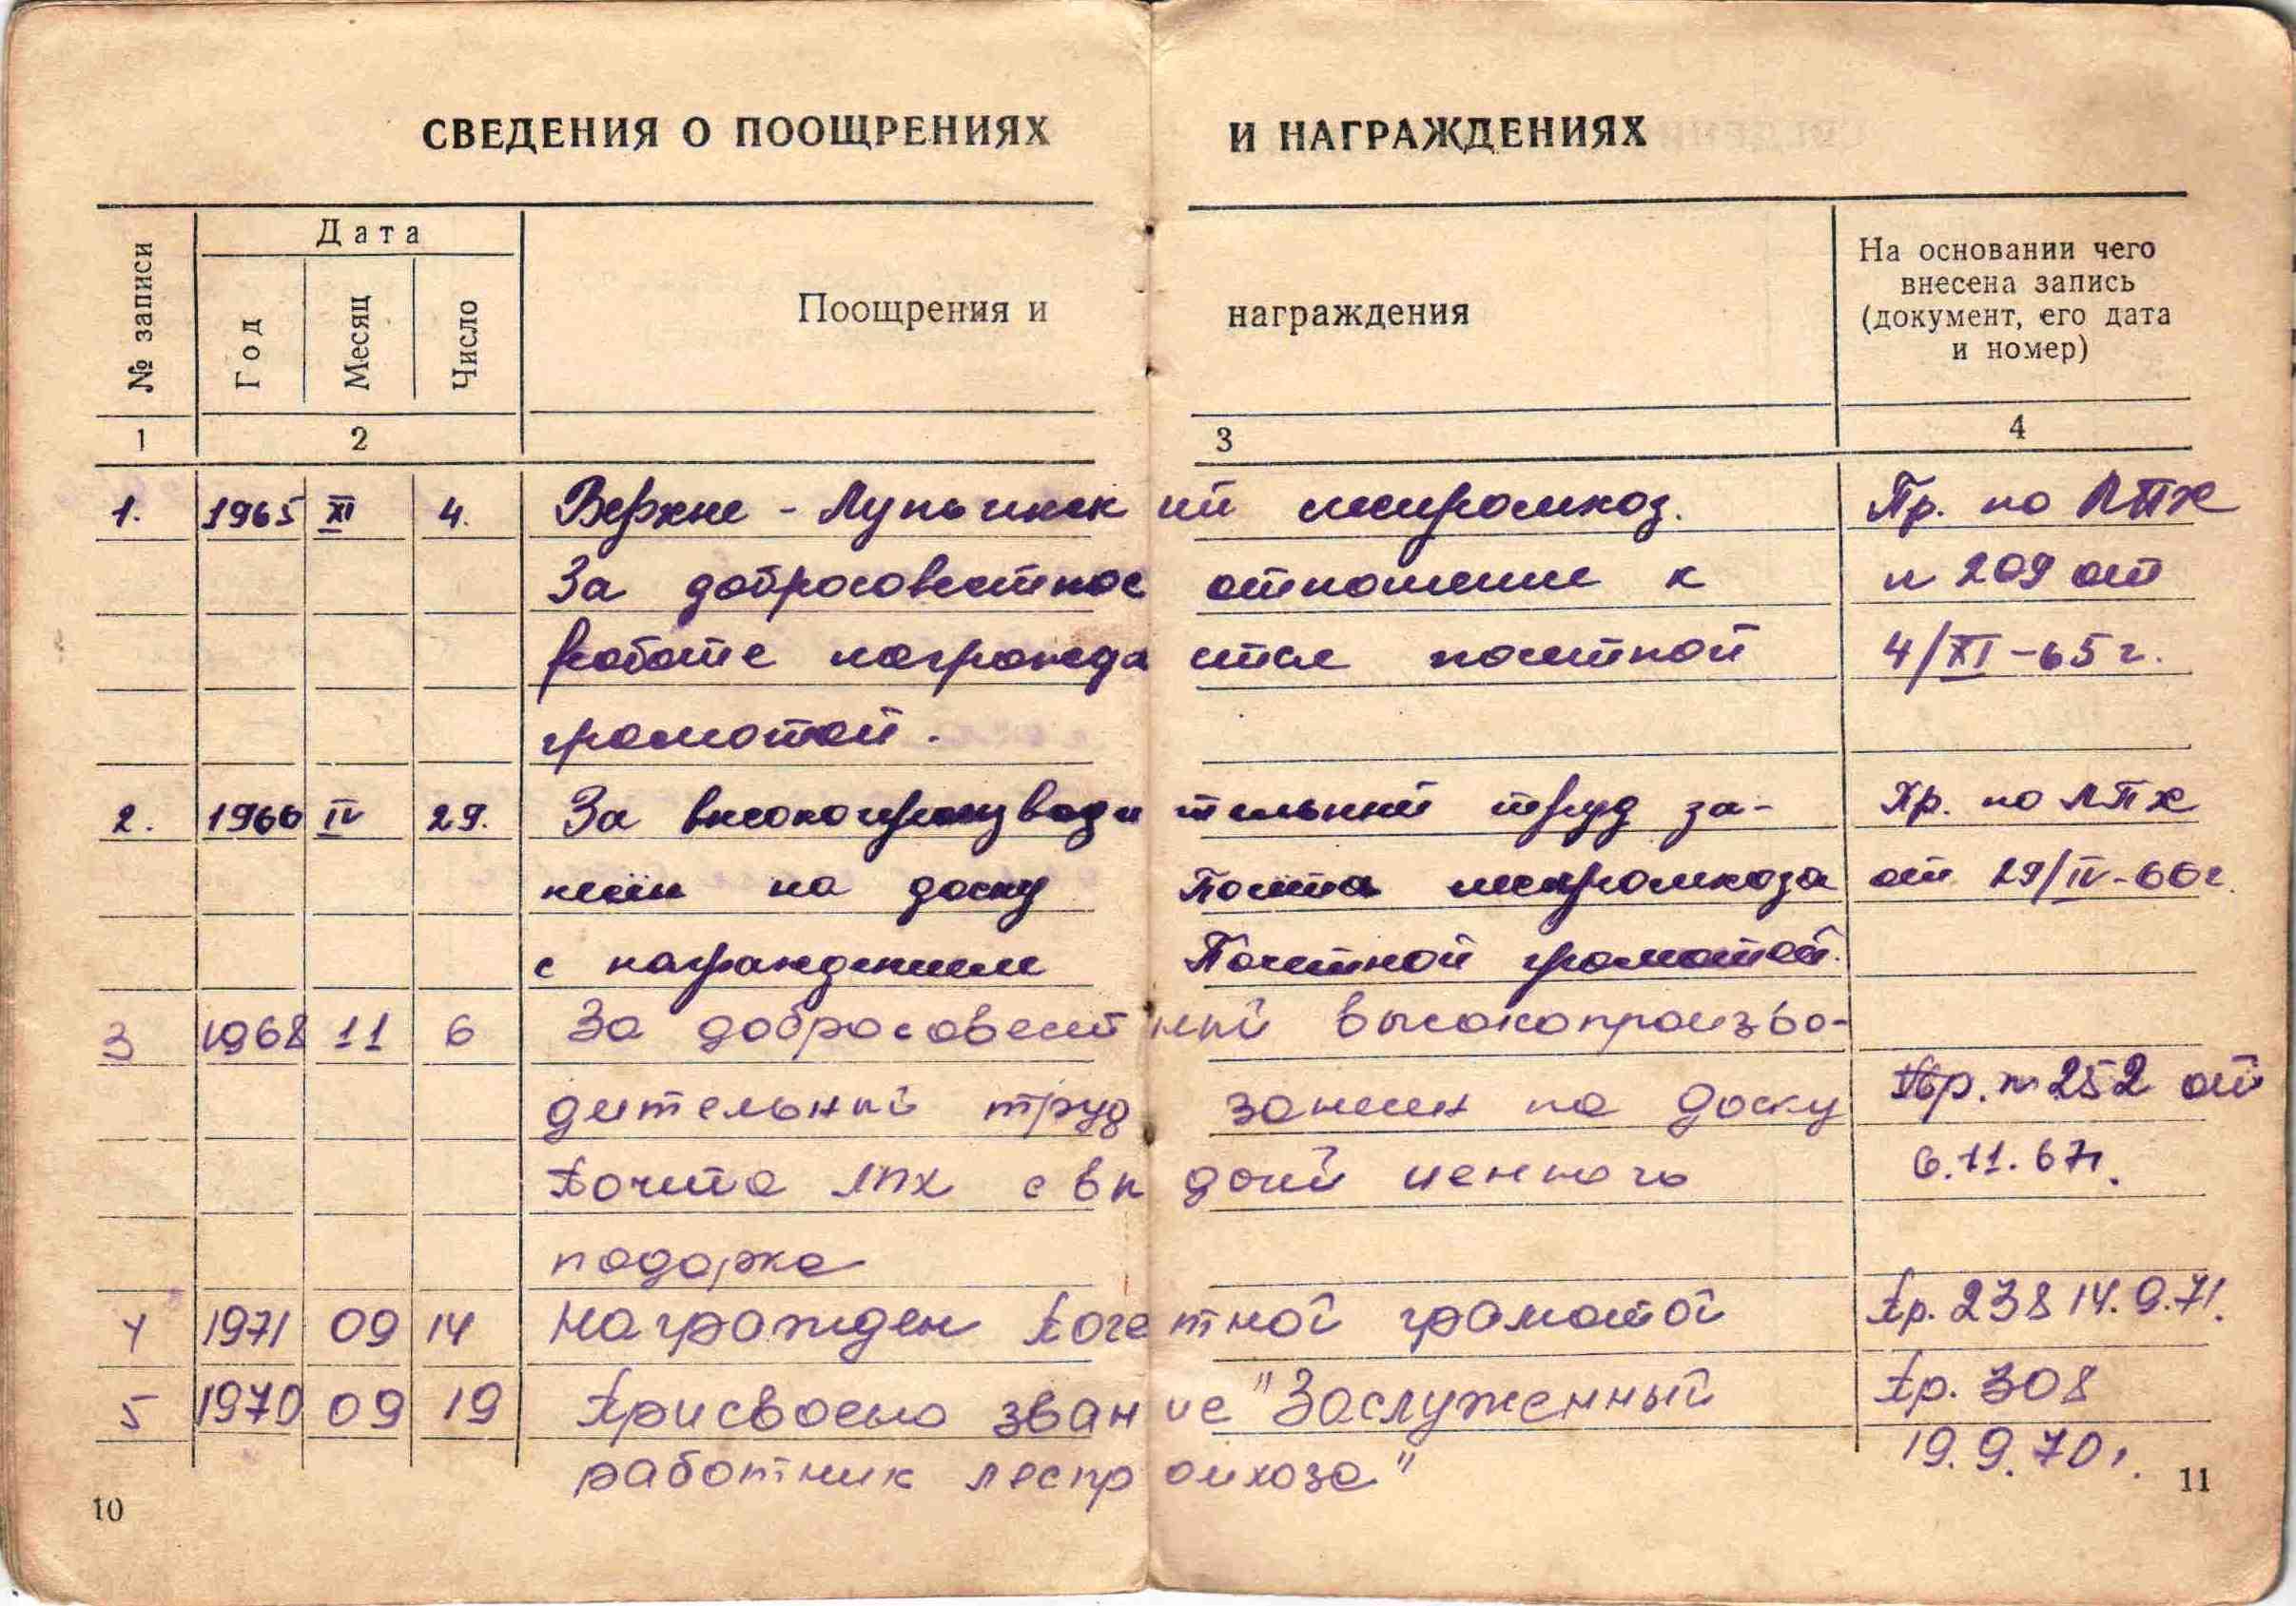 6. Трудовая книжка, 1954г.